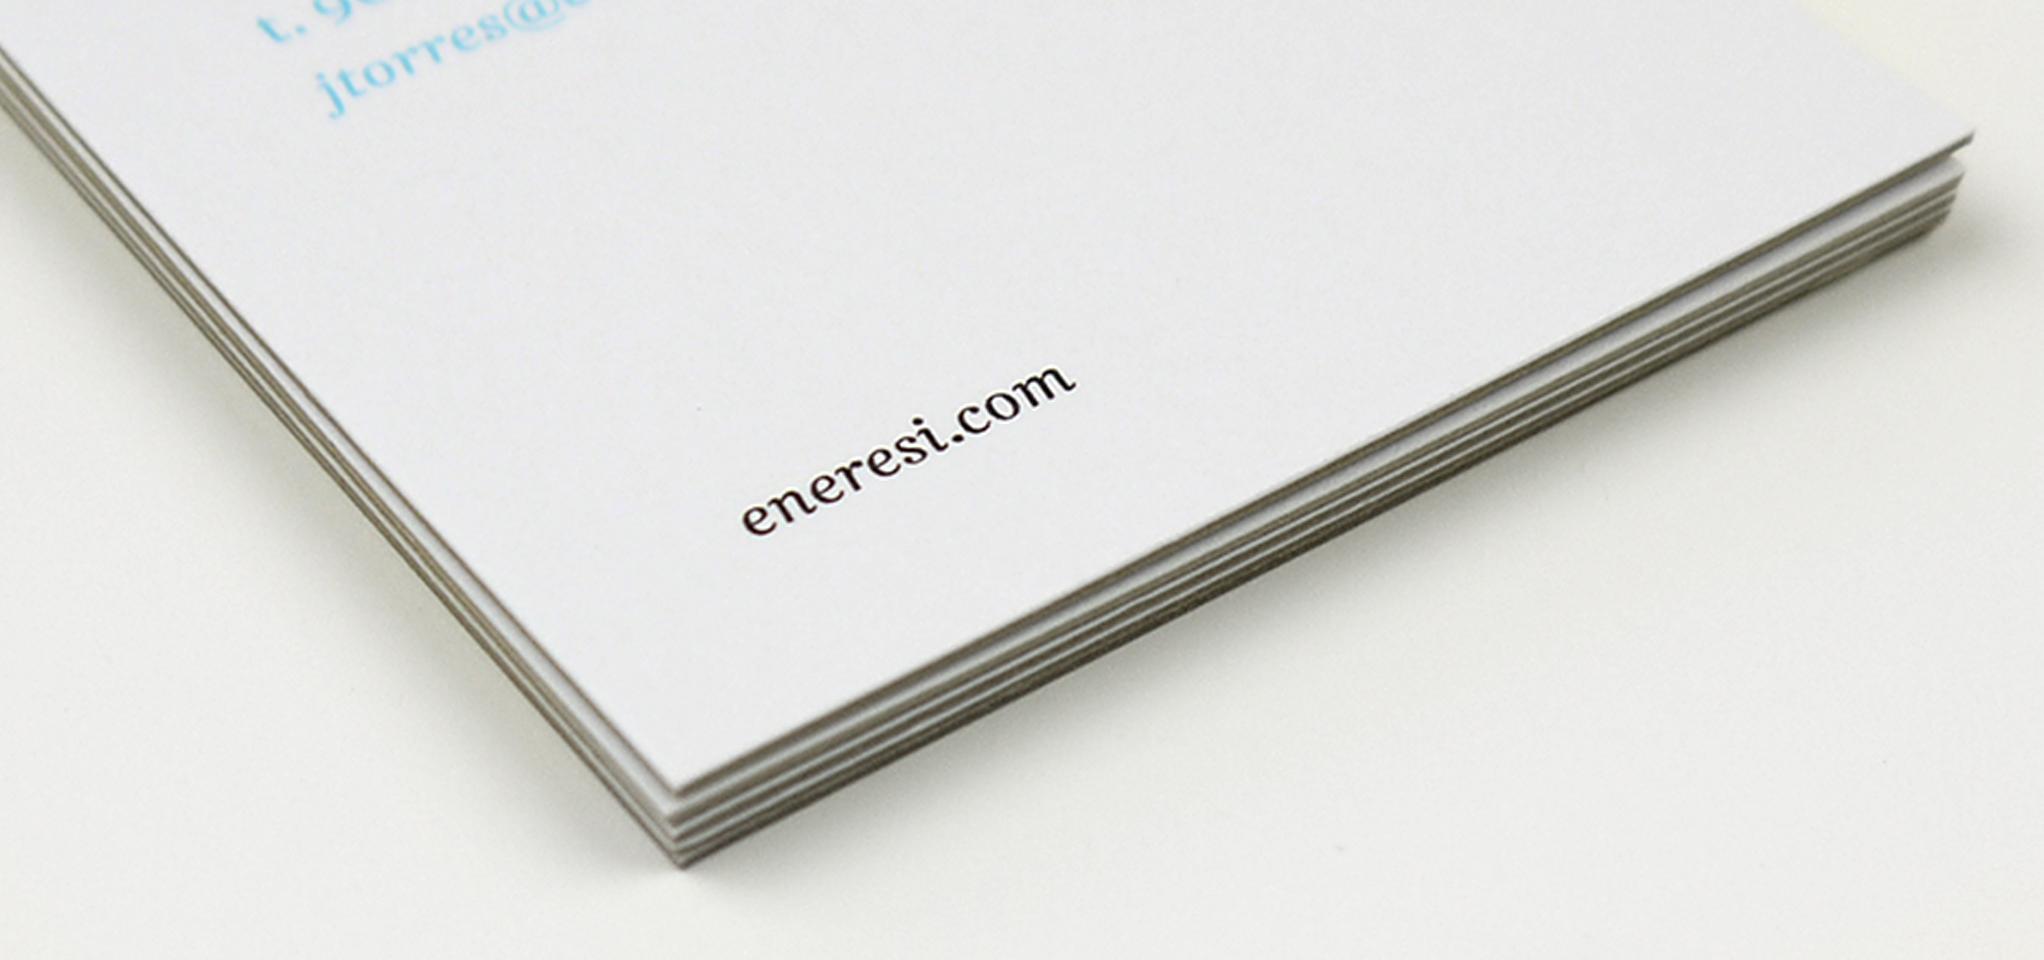 eneresi02